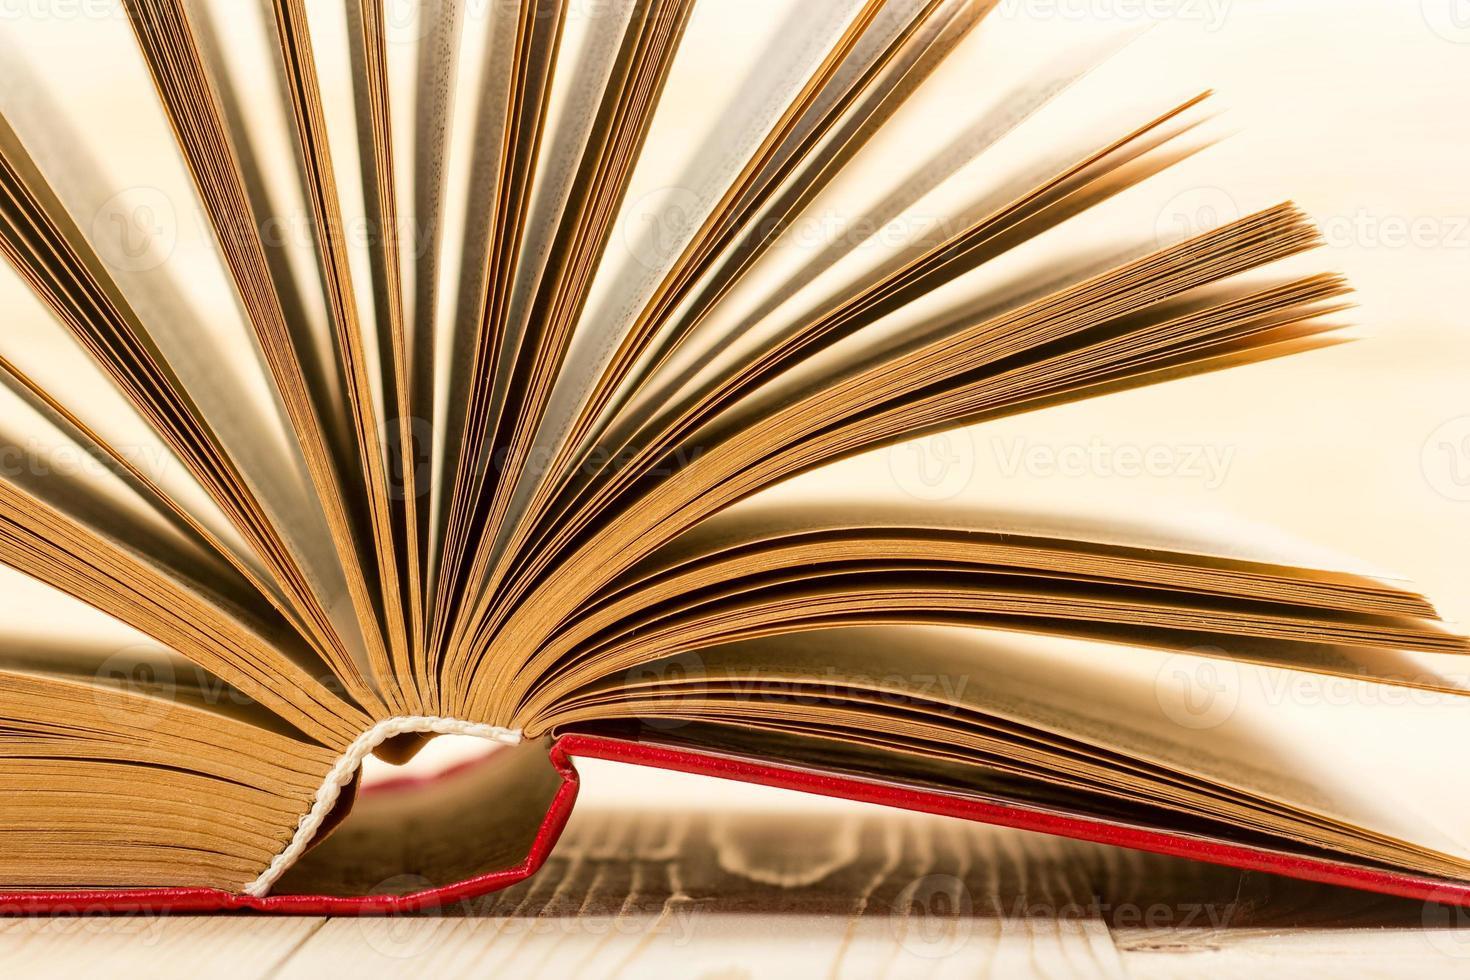 Libro abierto sobre mesa de madera. De vuelta a la escuela. copia espacio foto